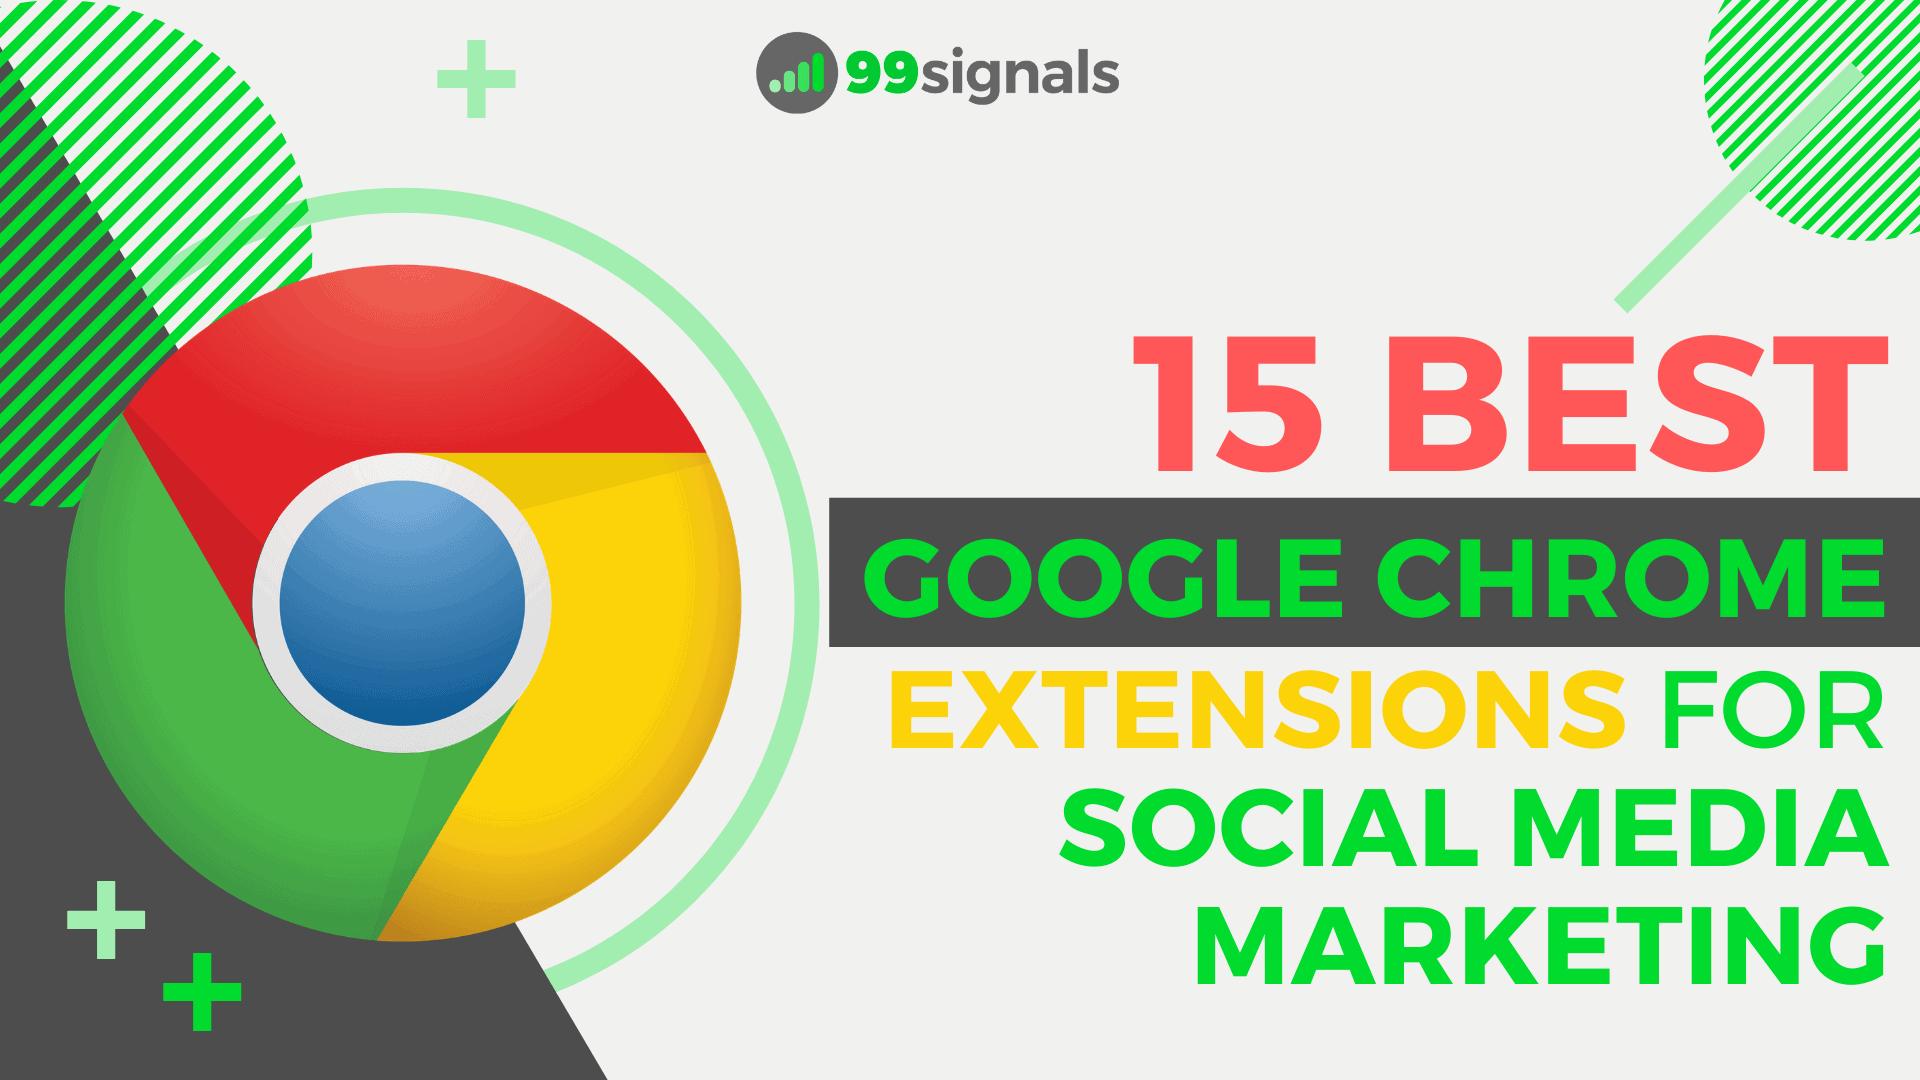 15 Best Google Chrome Extensions for Social Media Marketing